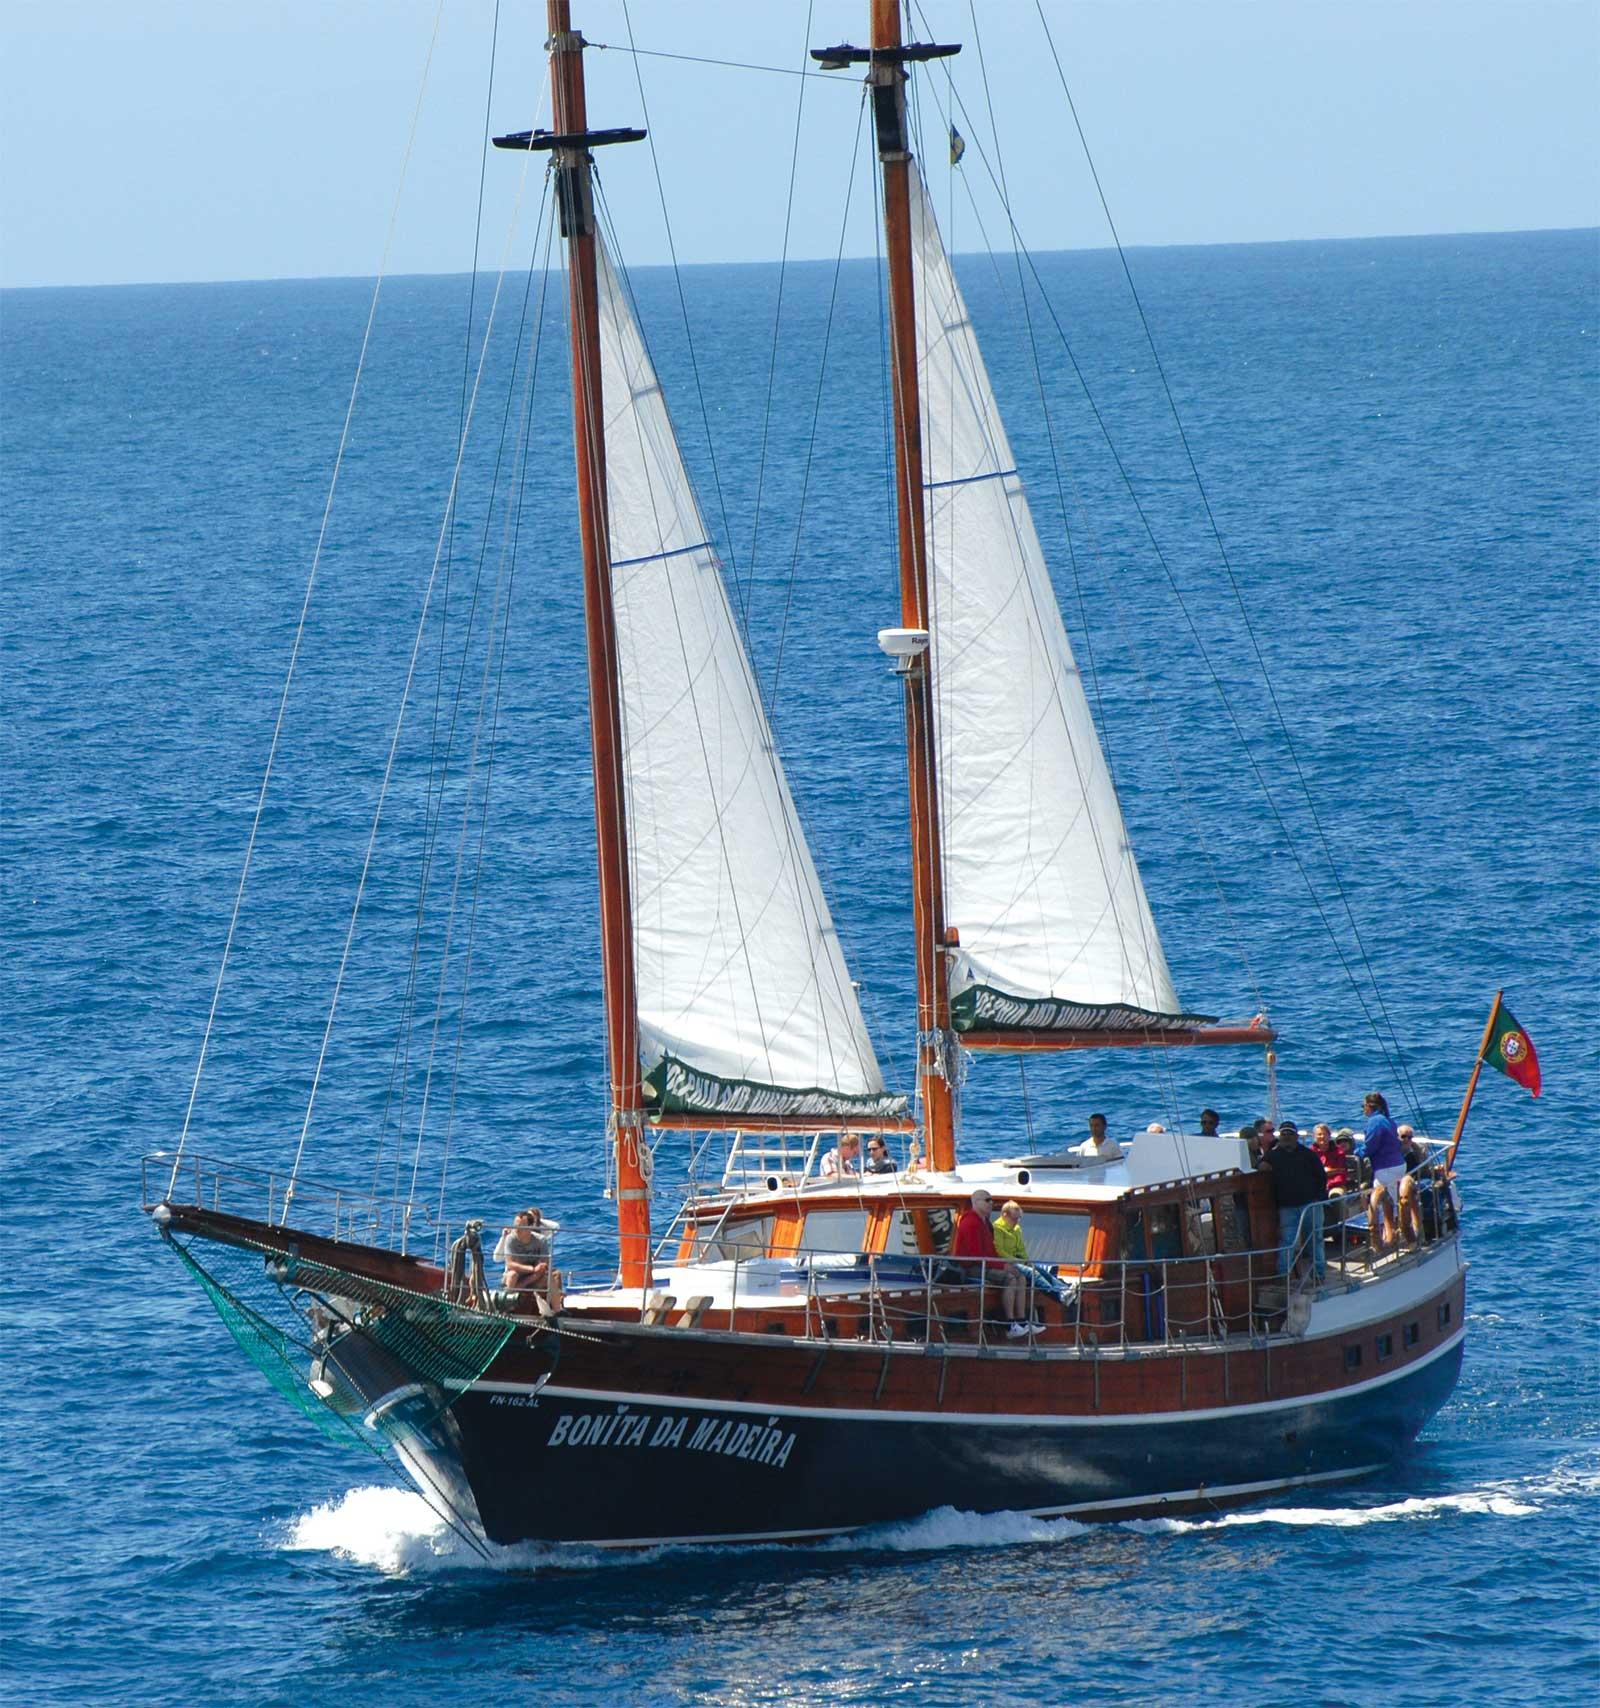 Activité nautique Bonita da Madeira à Madère